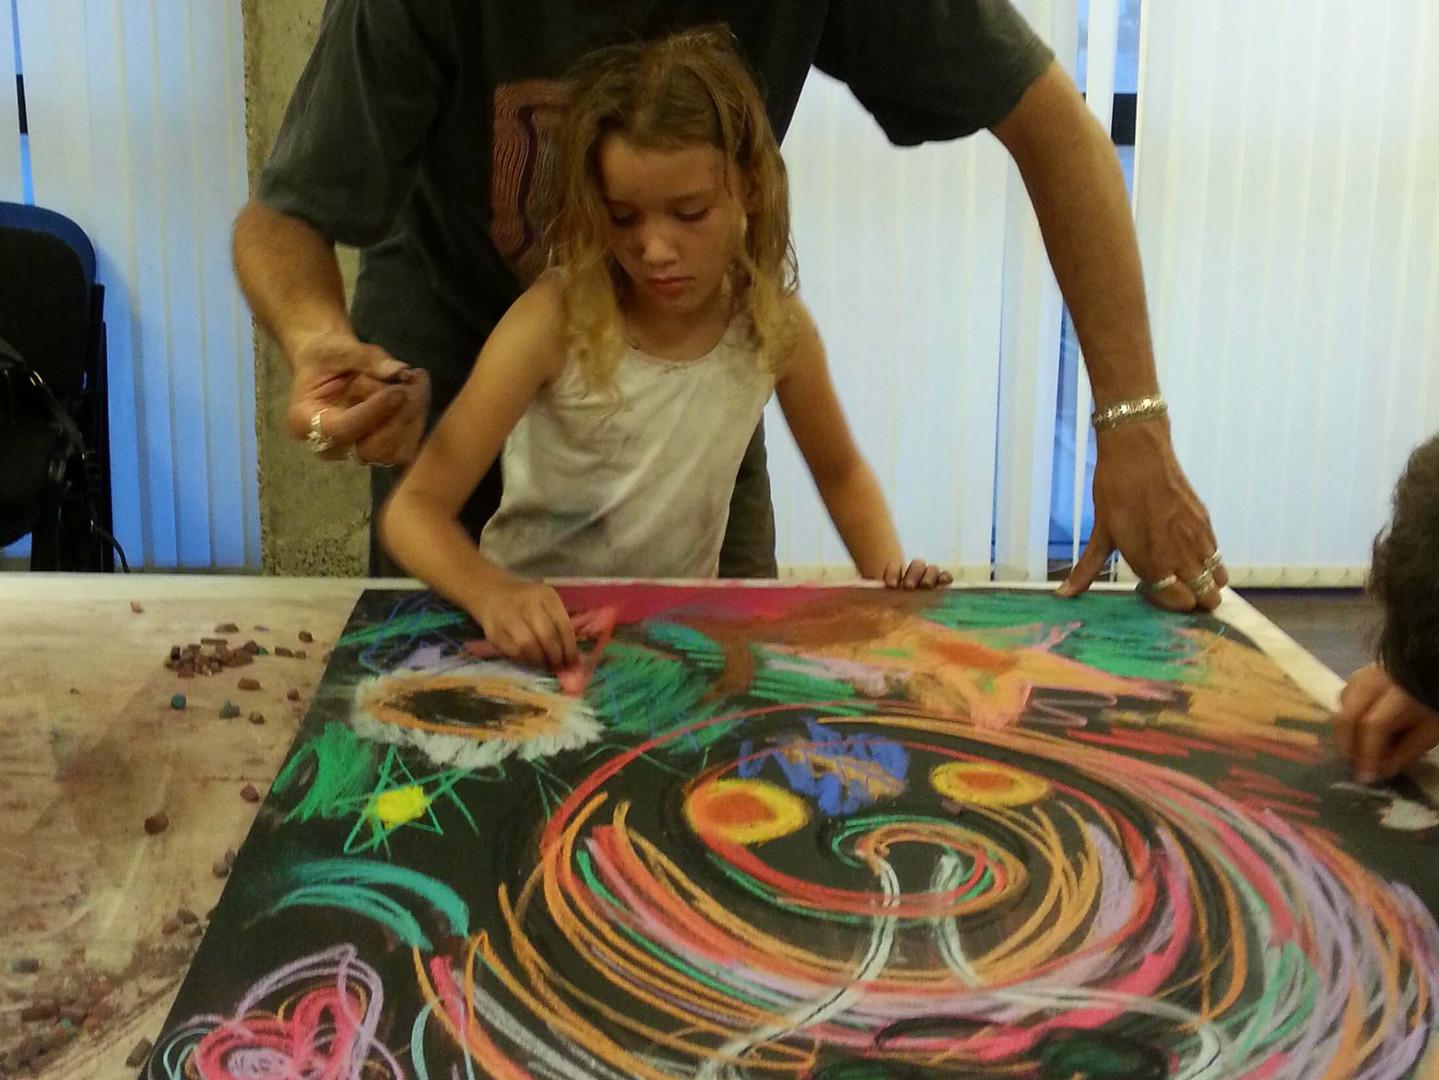 אבא ובת מציירים יחד ציור אינטואיטיבי משותף